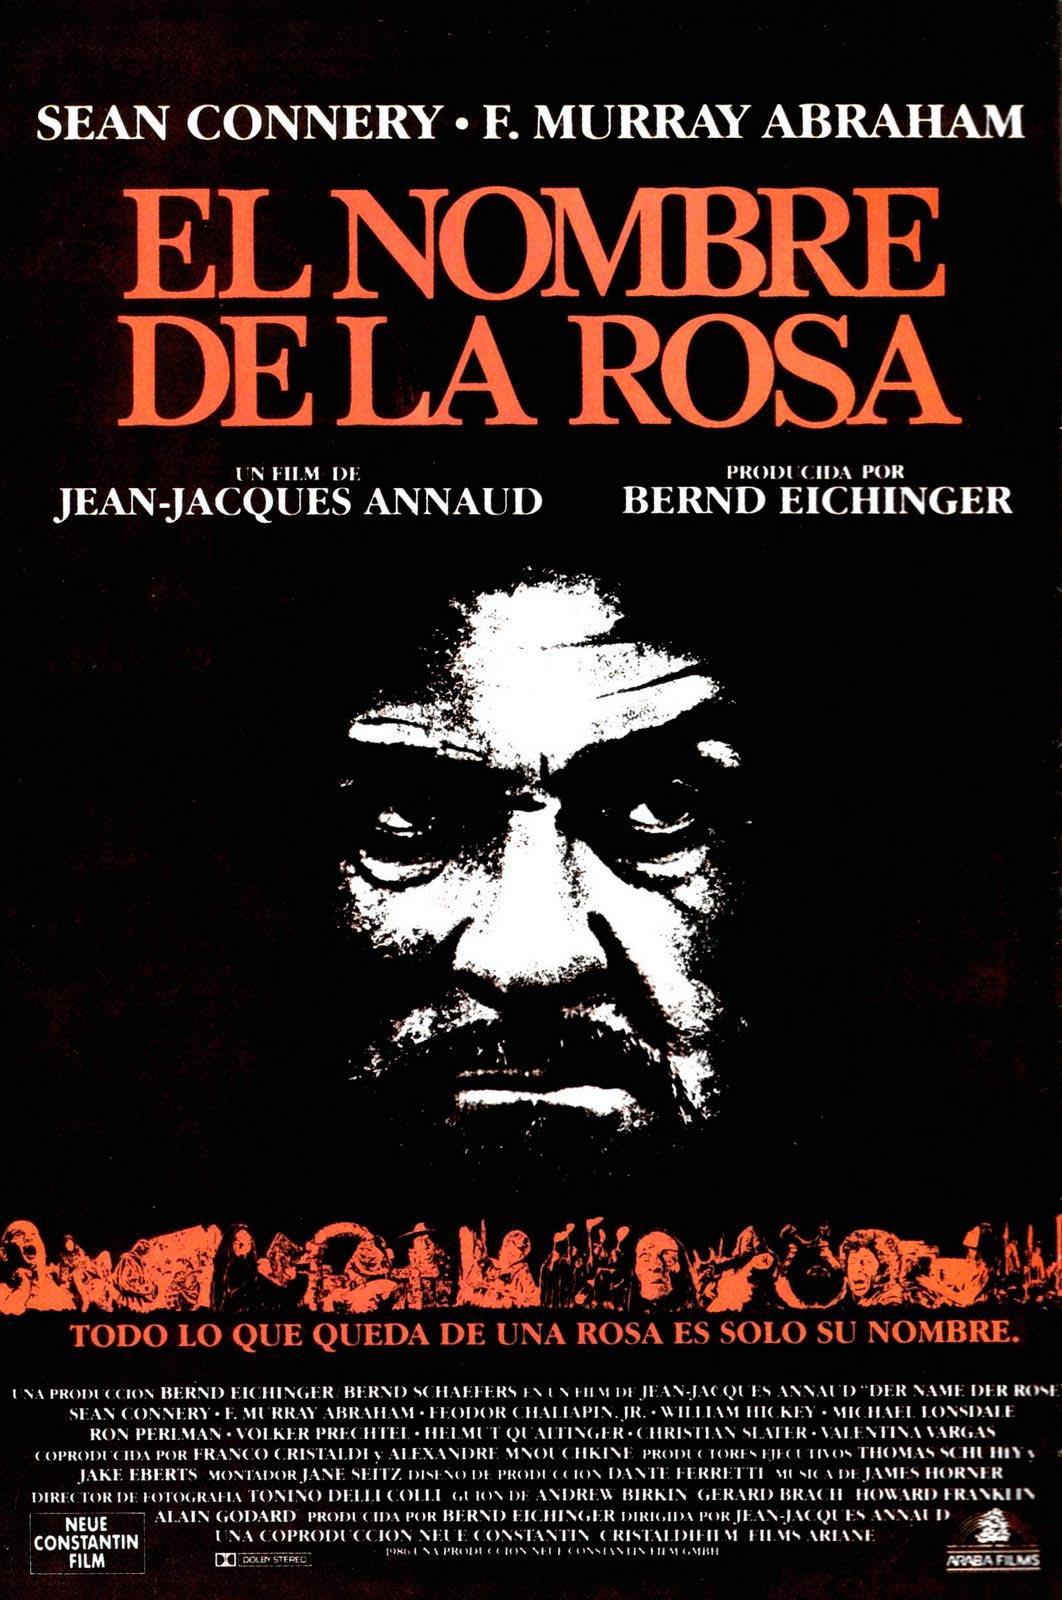 El nombre de la rosa ⋆ El Pelicultista, Blog de Cine